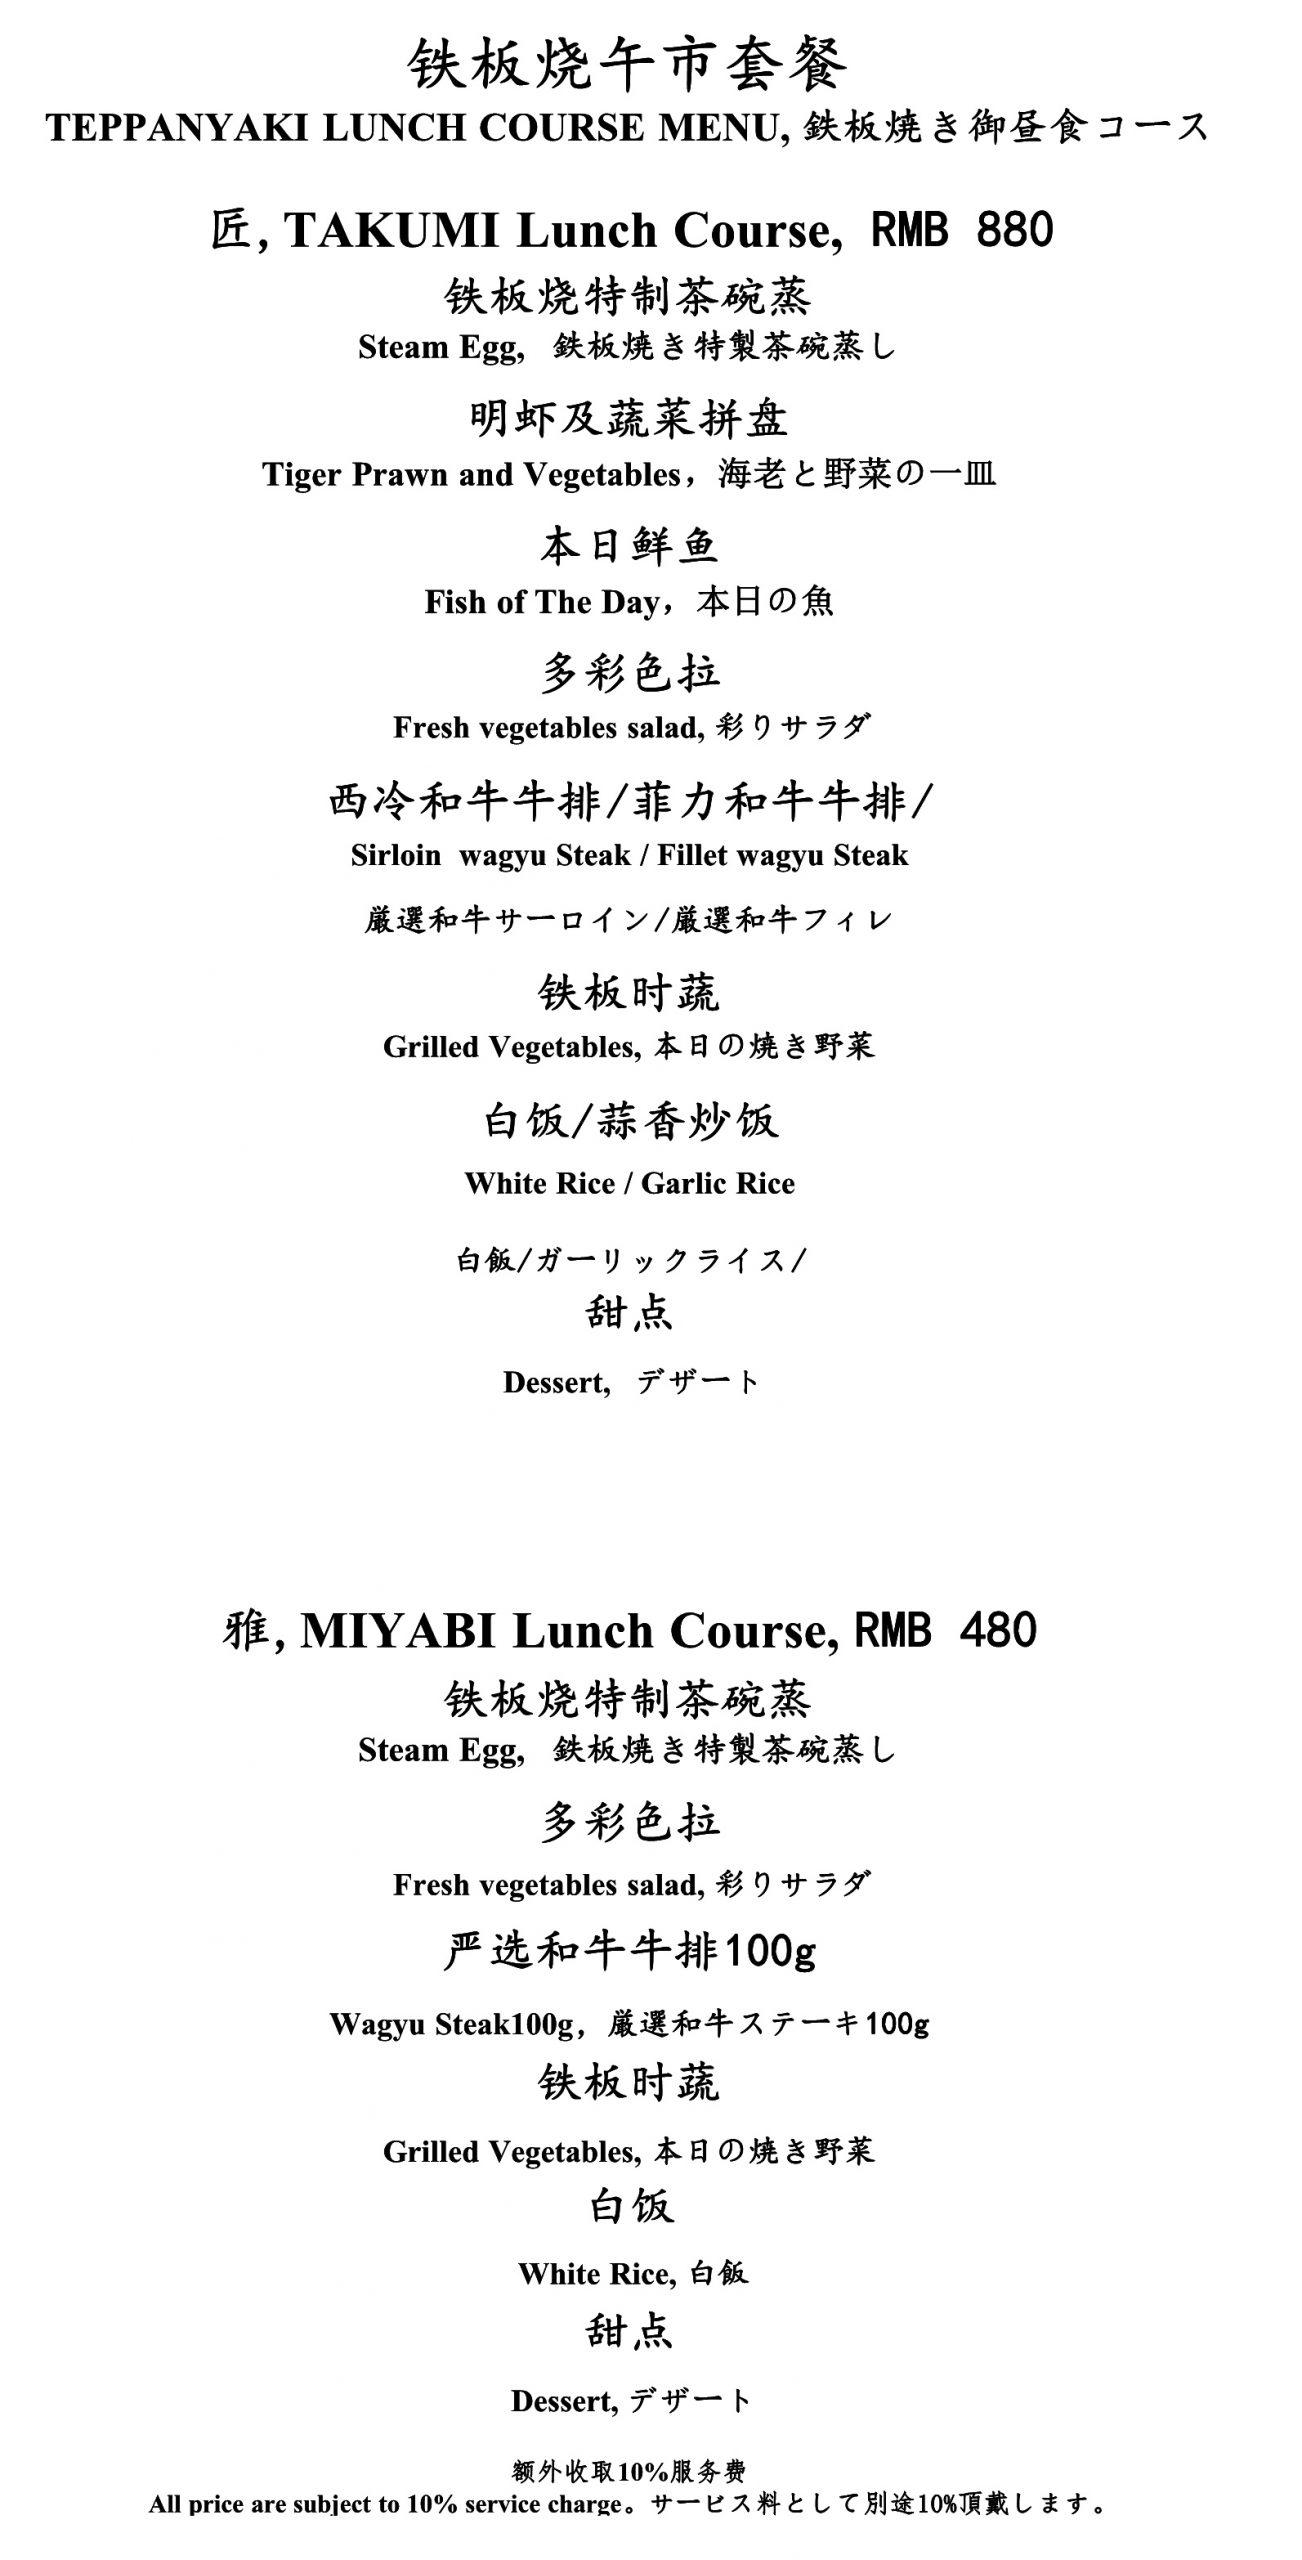 鉄板焼 [上海店] ランチメニュー4